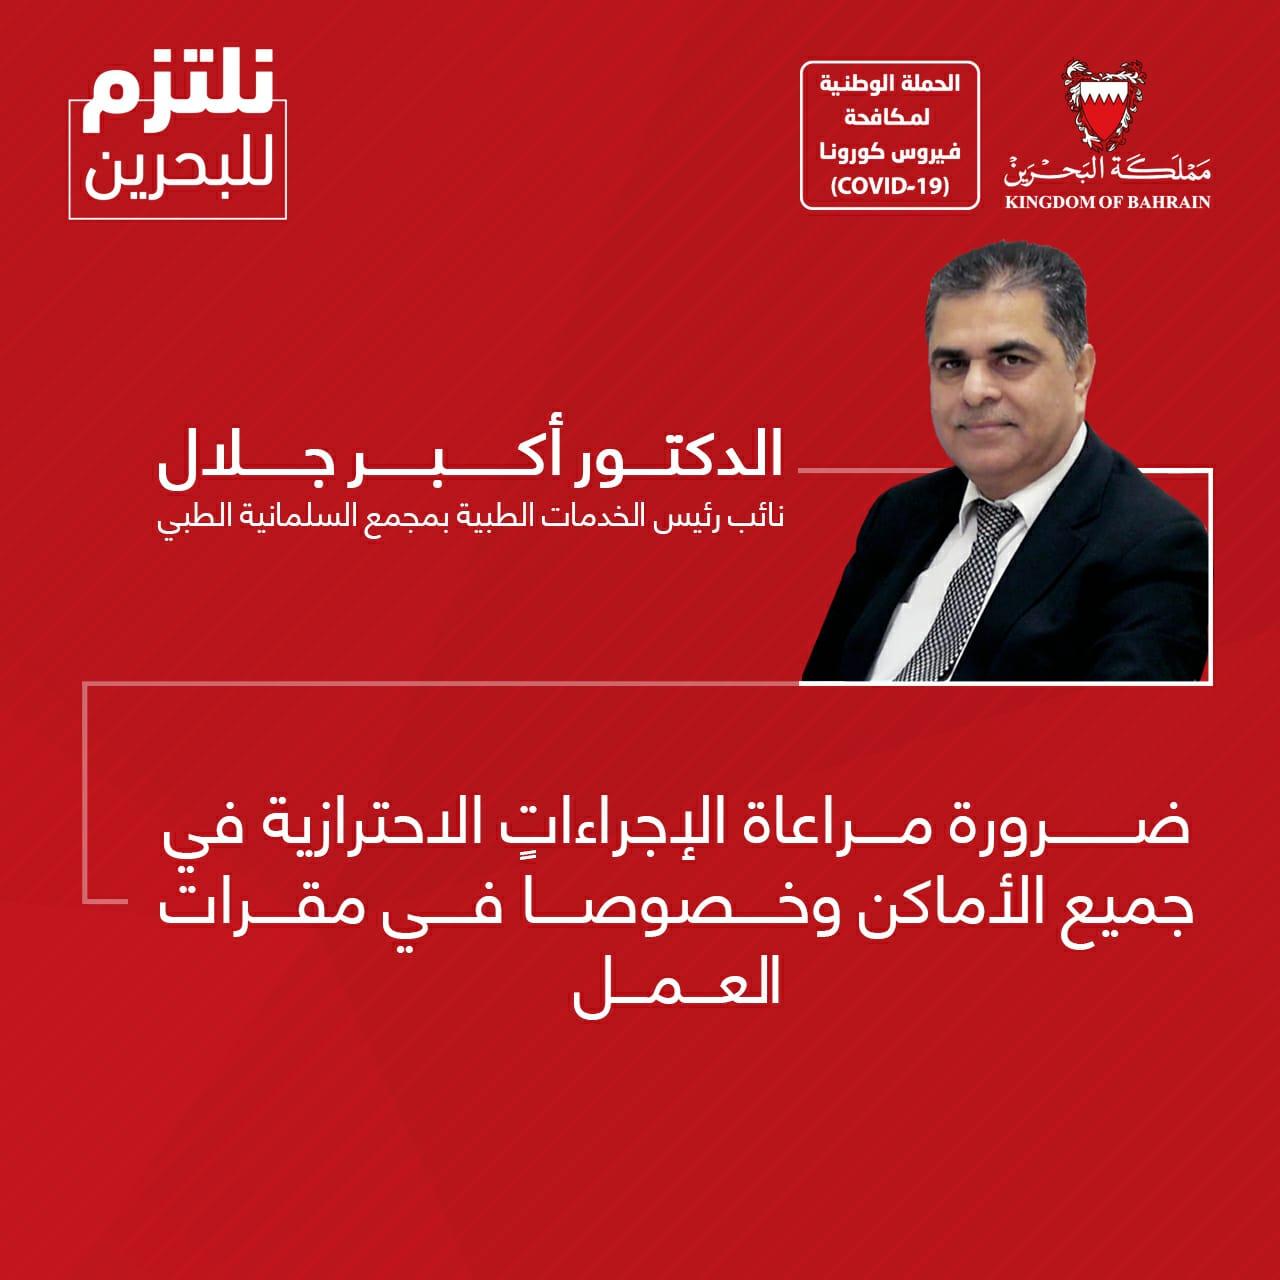 نائب رئيس الخدمات الطبية بمجمع السلمانية الطبي يؤكد على ضرورة مراعاة الإجراءات الاحترازية في جميع الأماكن وخصوصًا في مقرات العمل